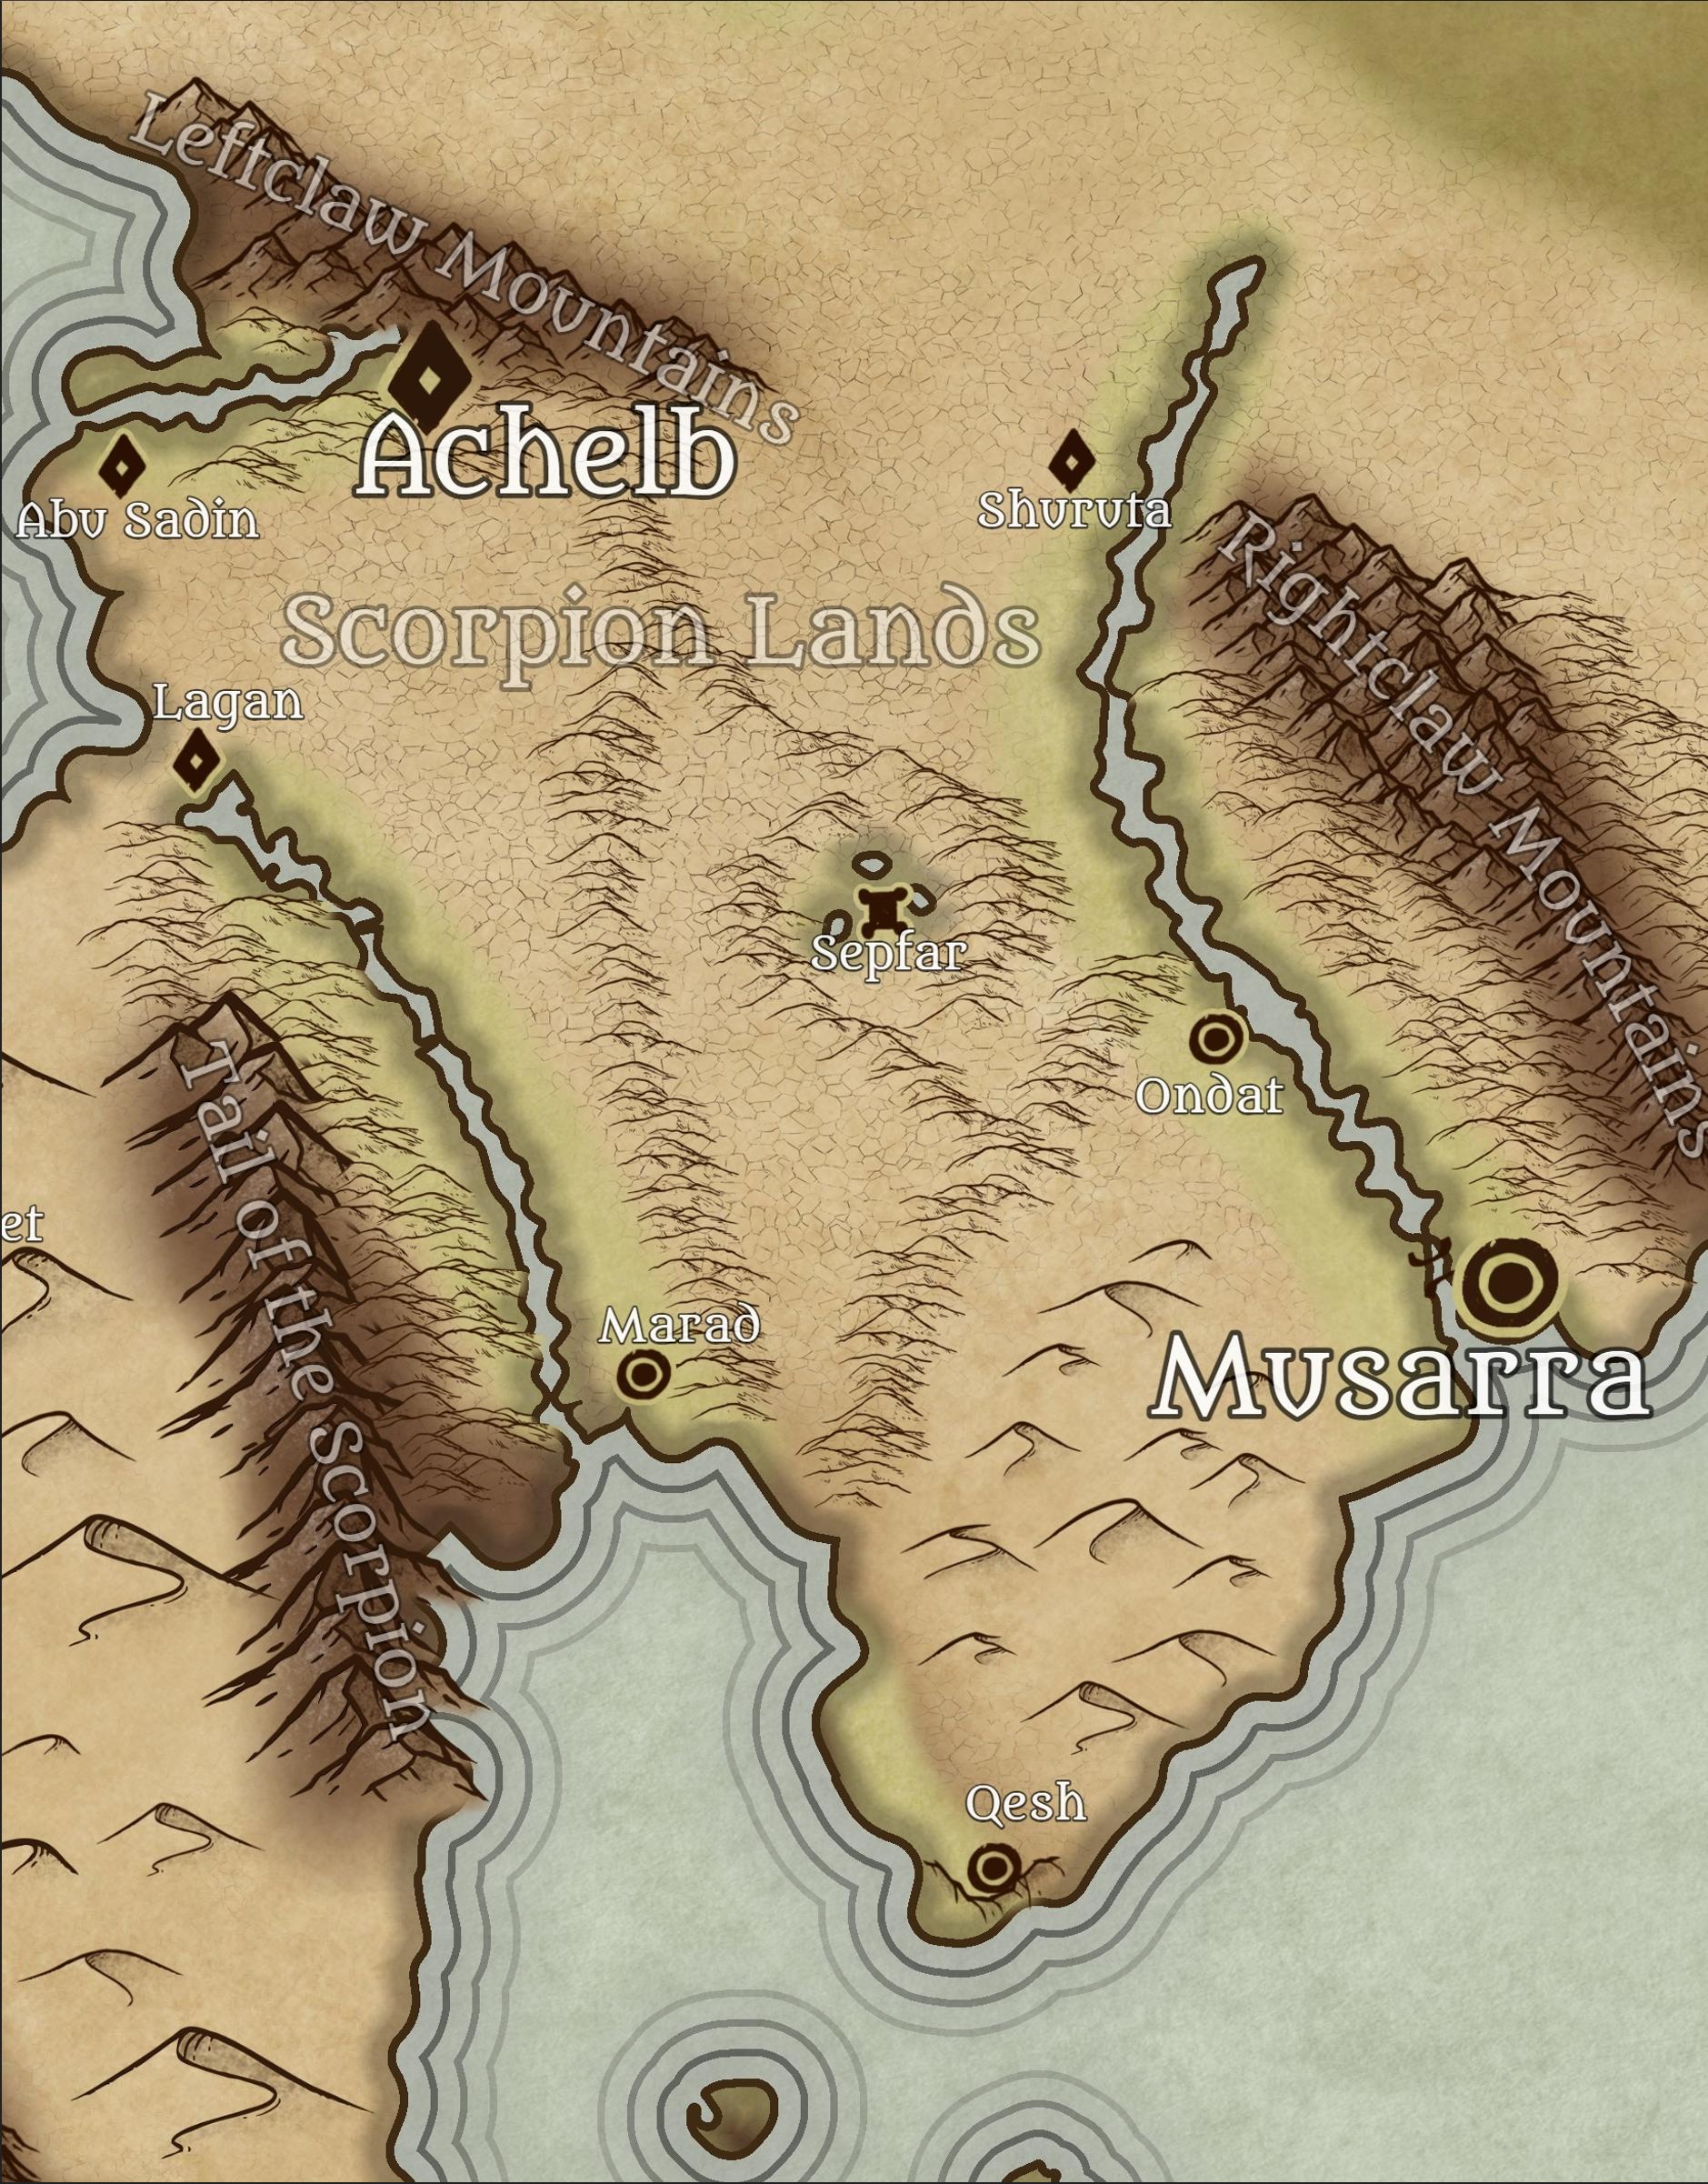 Scorpion Lands.png